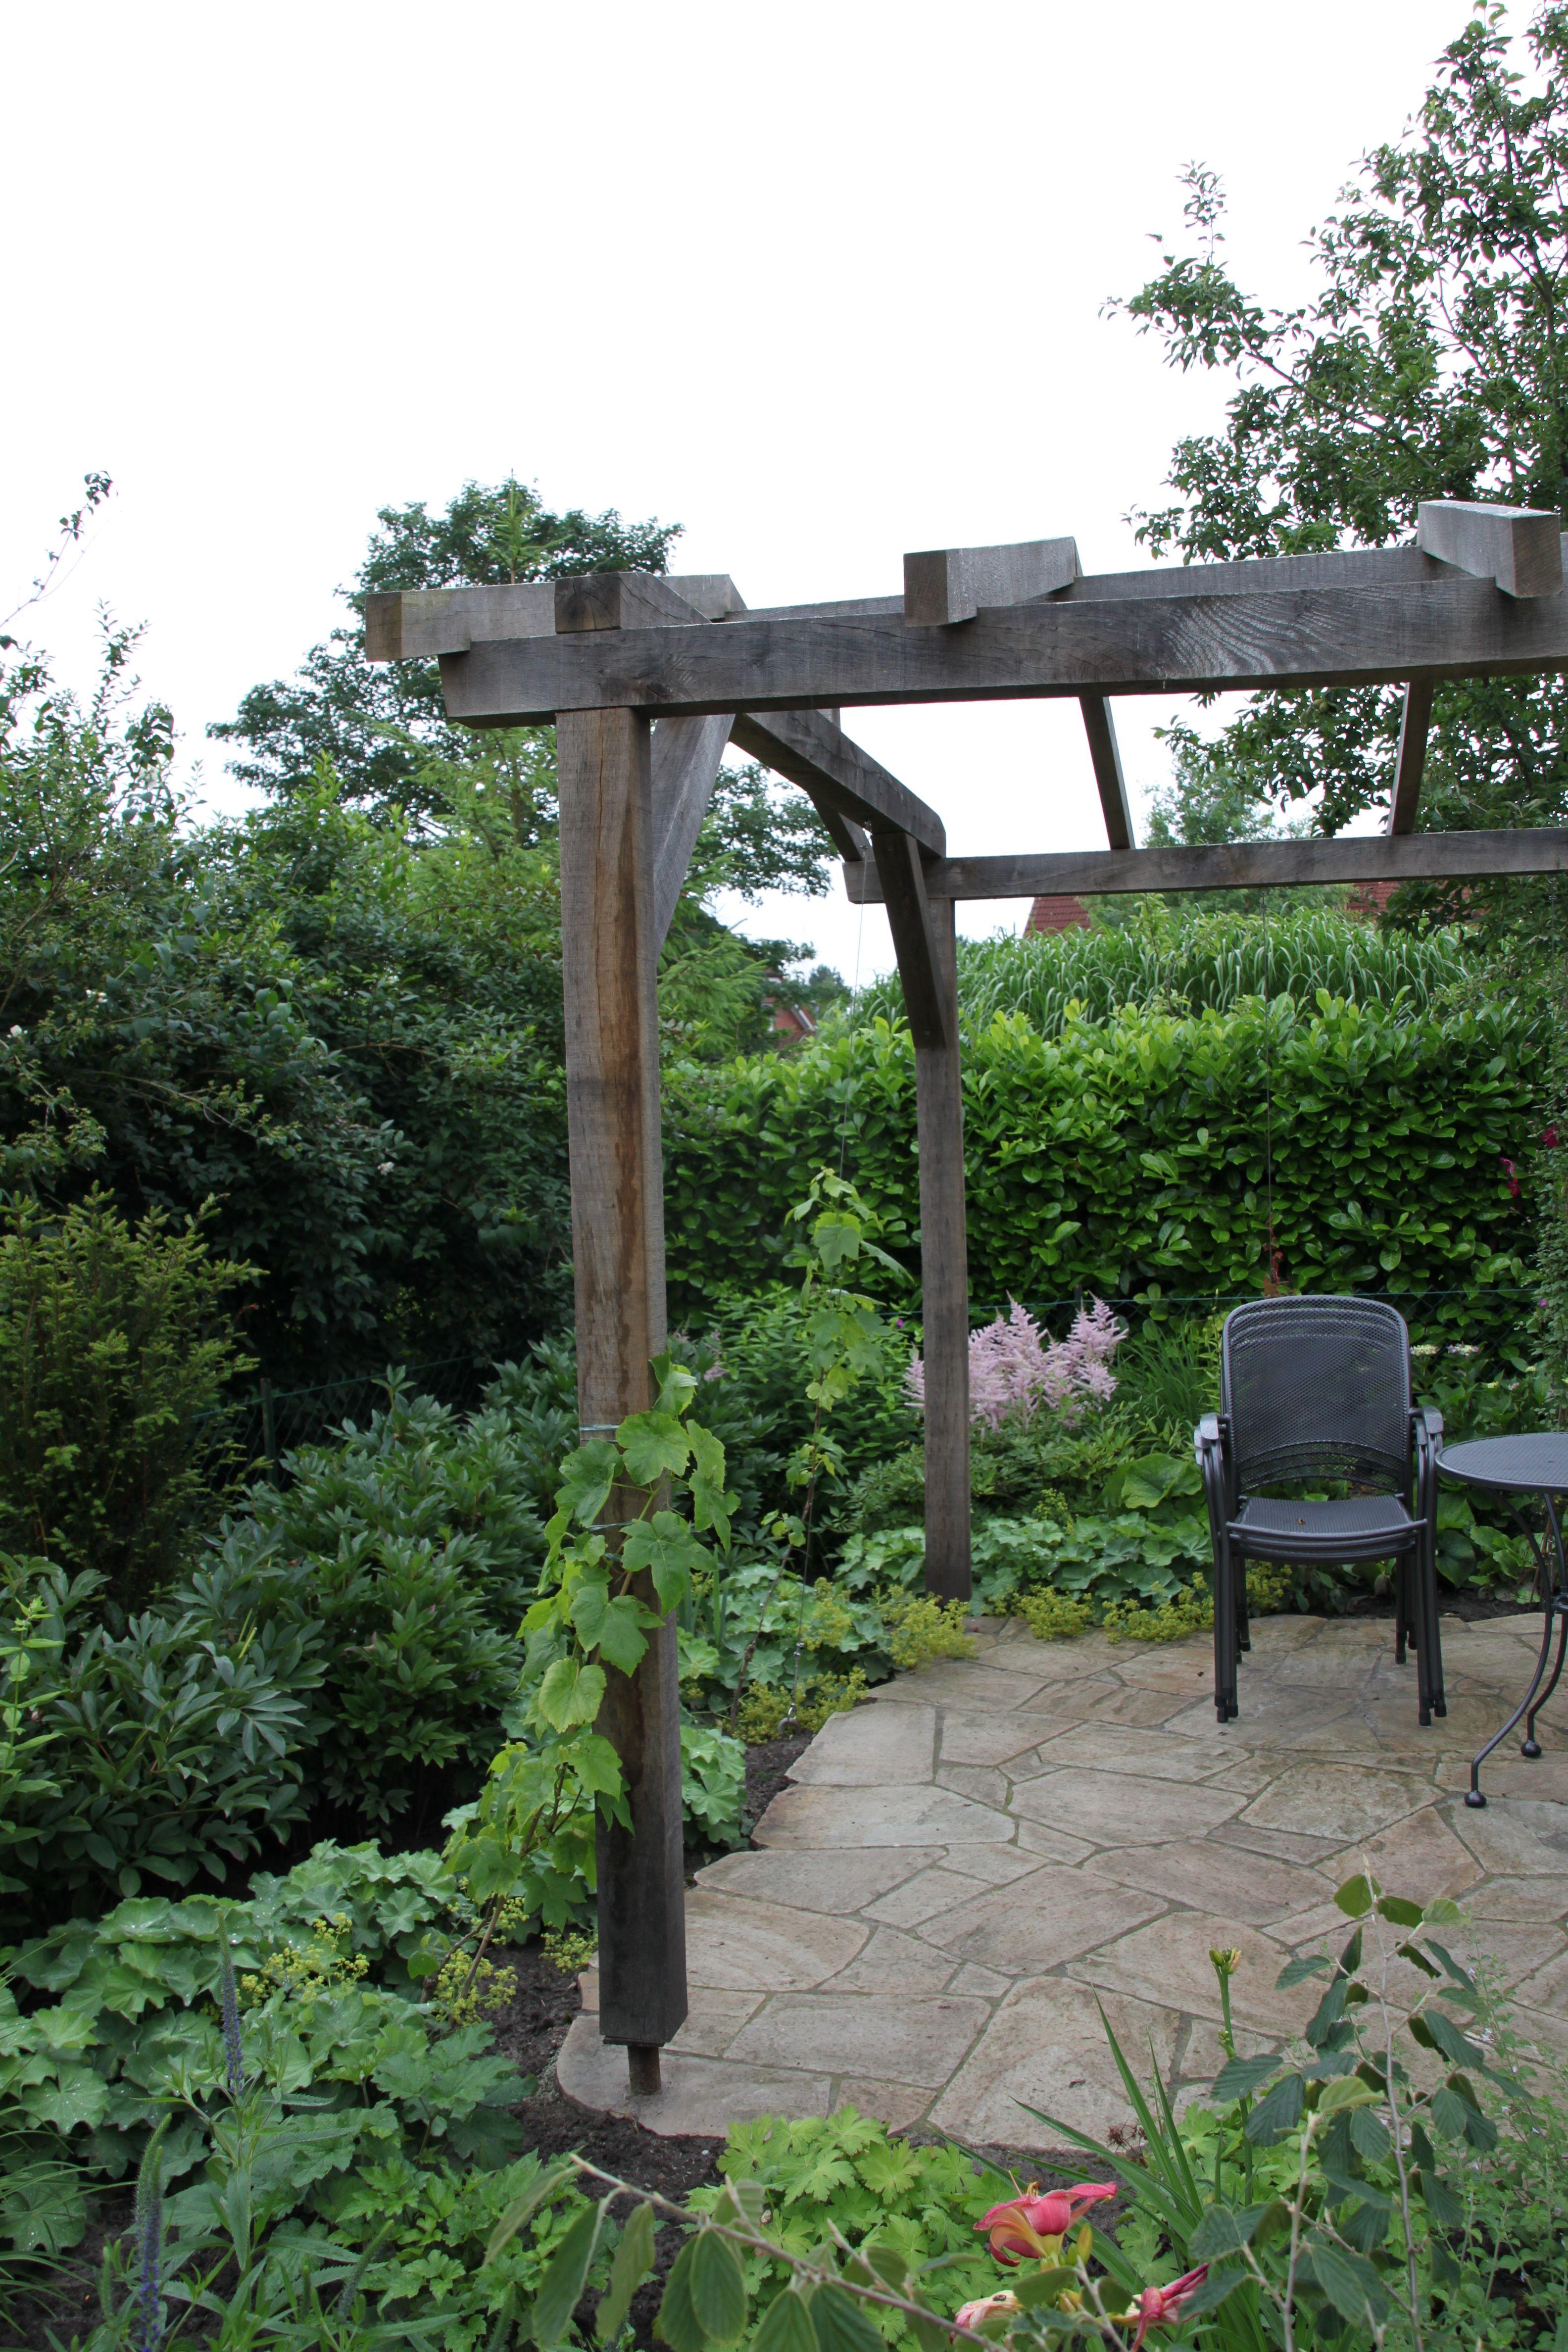 Sitzplatz Pergola Polygonalplatten Gartengestaltung Sitzplatz Im Garten Garten